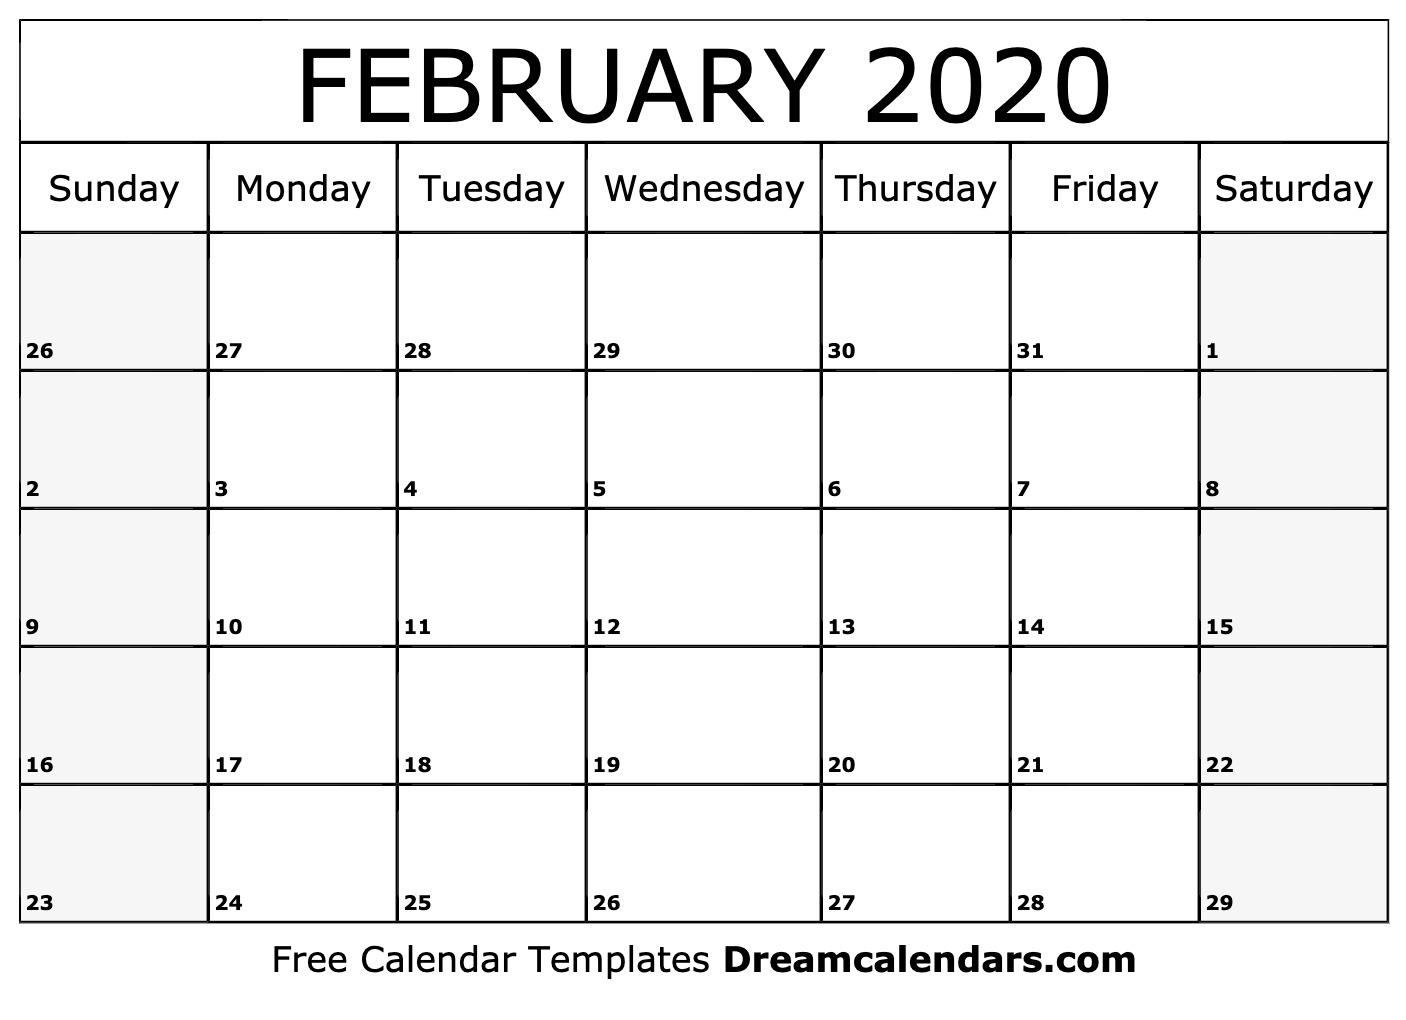 Free Blank February 2020 Printable Calendar intended for August 2020 And September 2020 Calendar